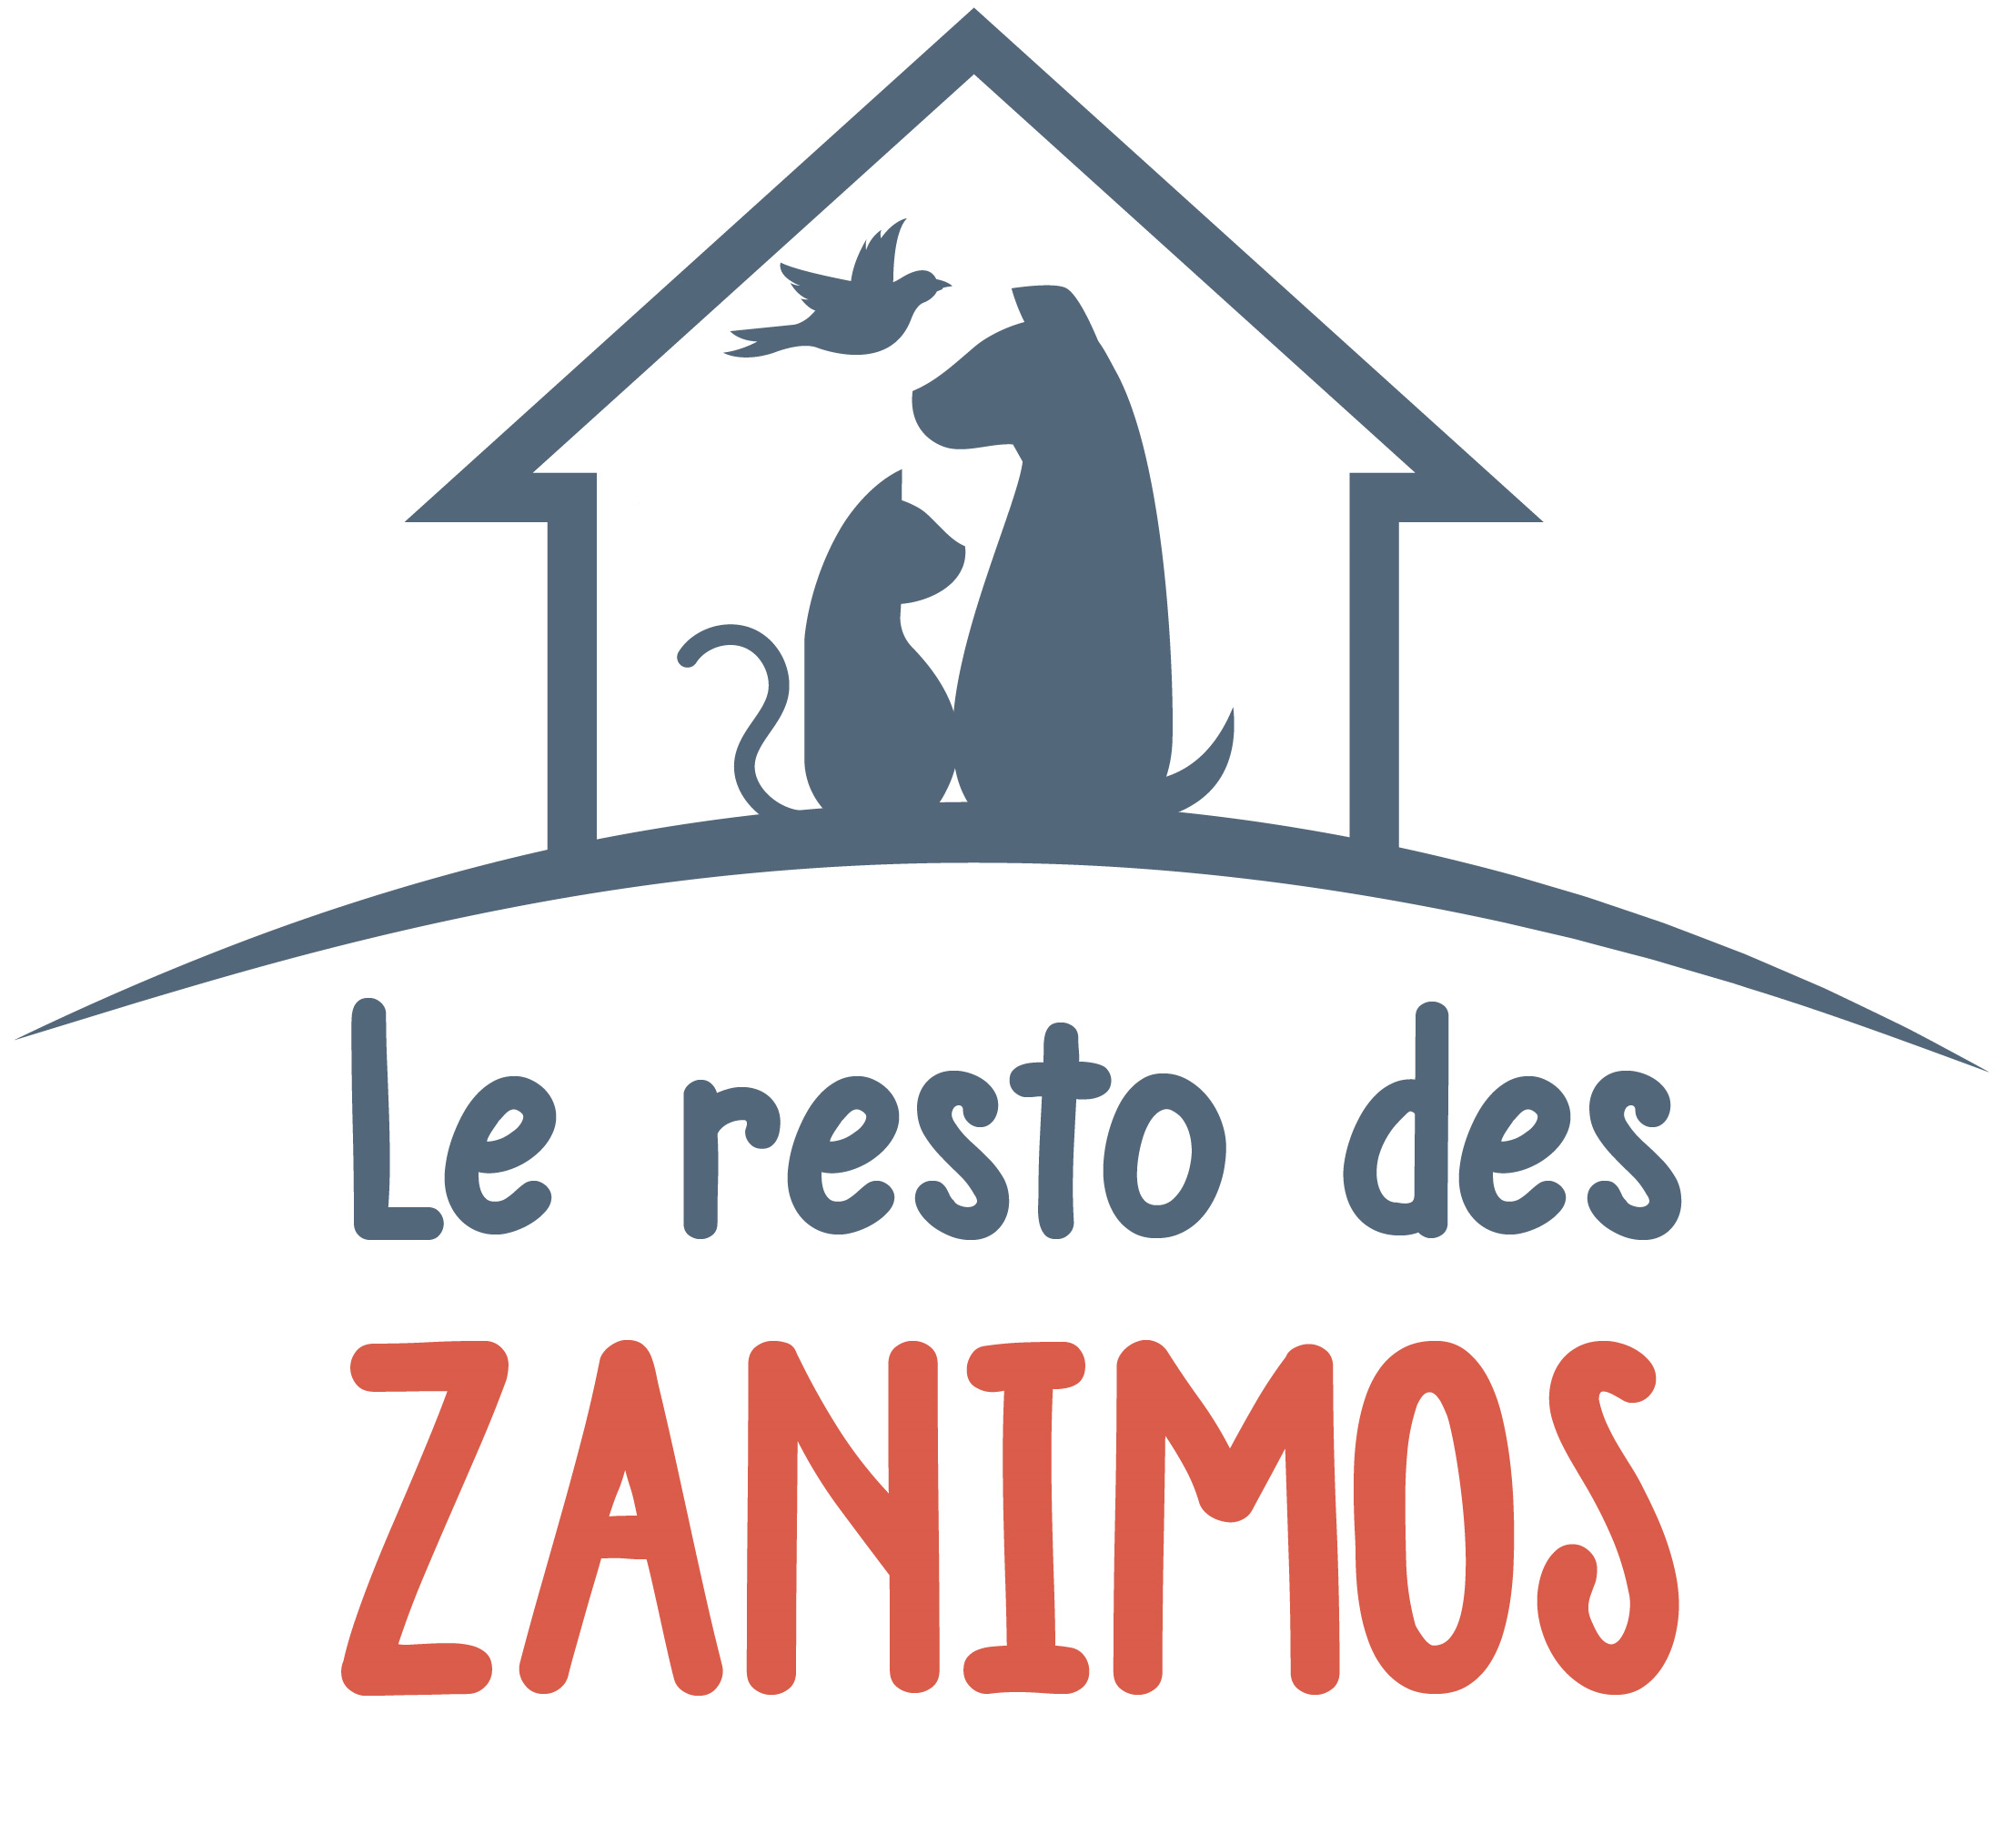 Cherche Développeur web pour création application sur les Zanimos